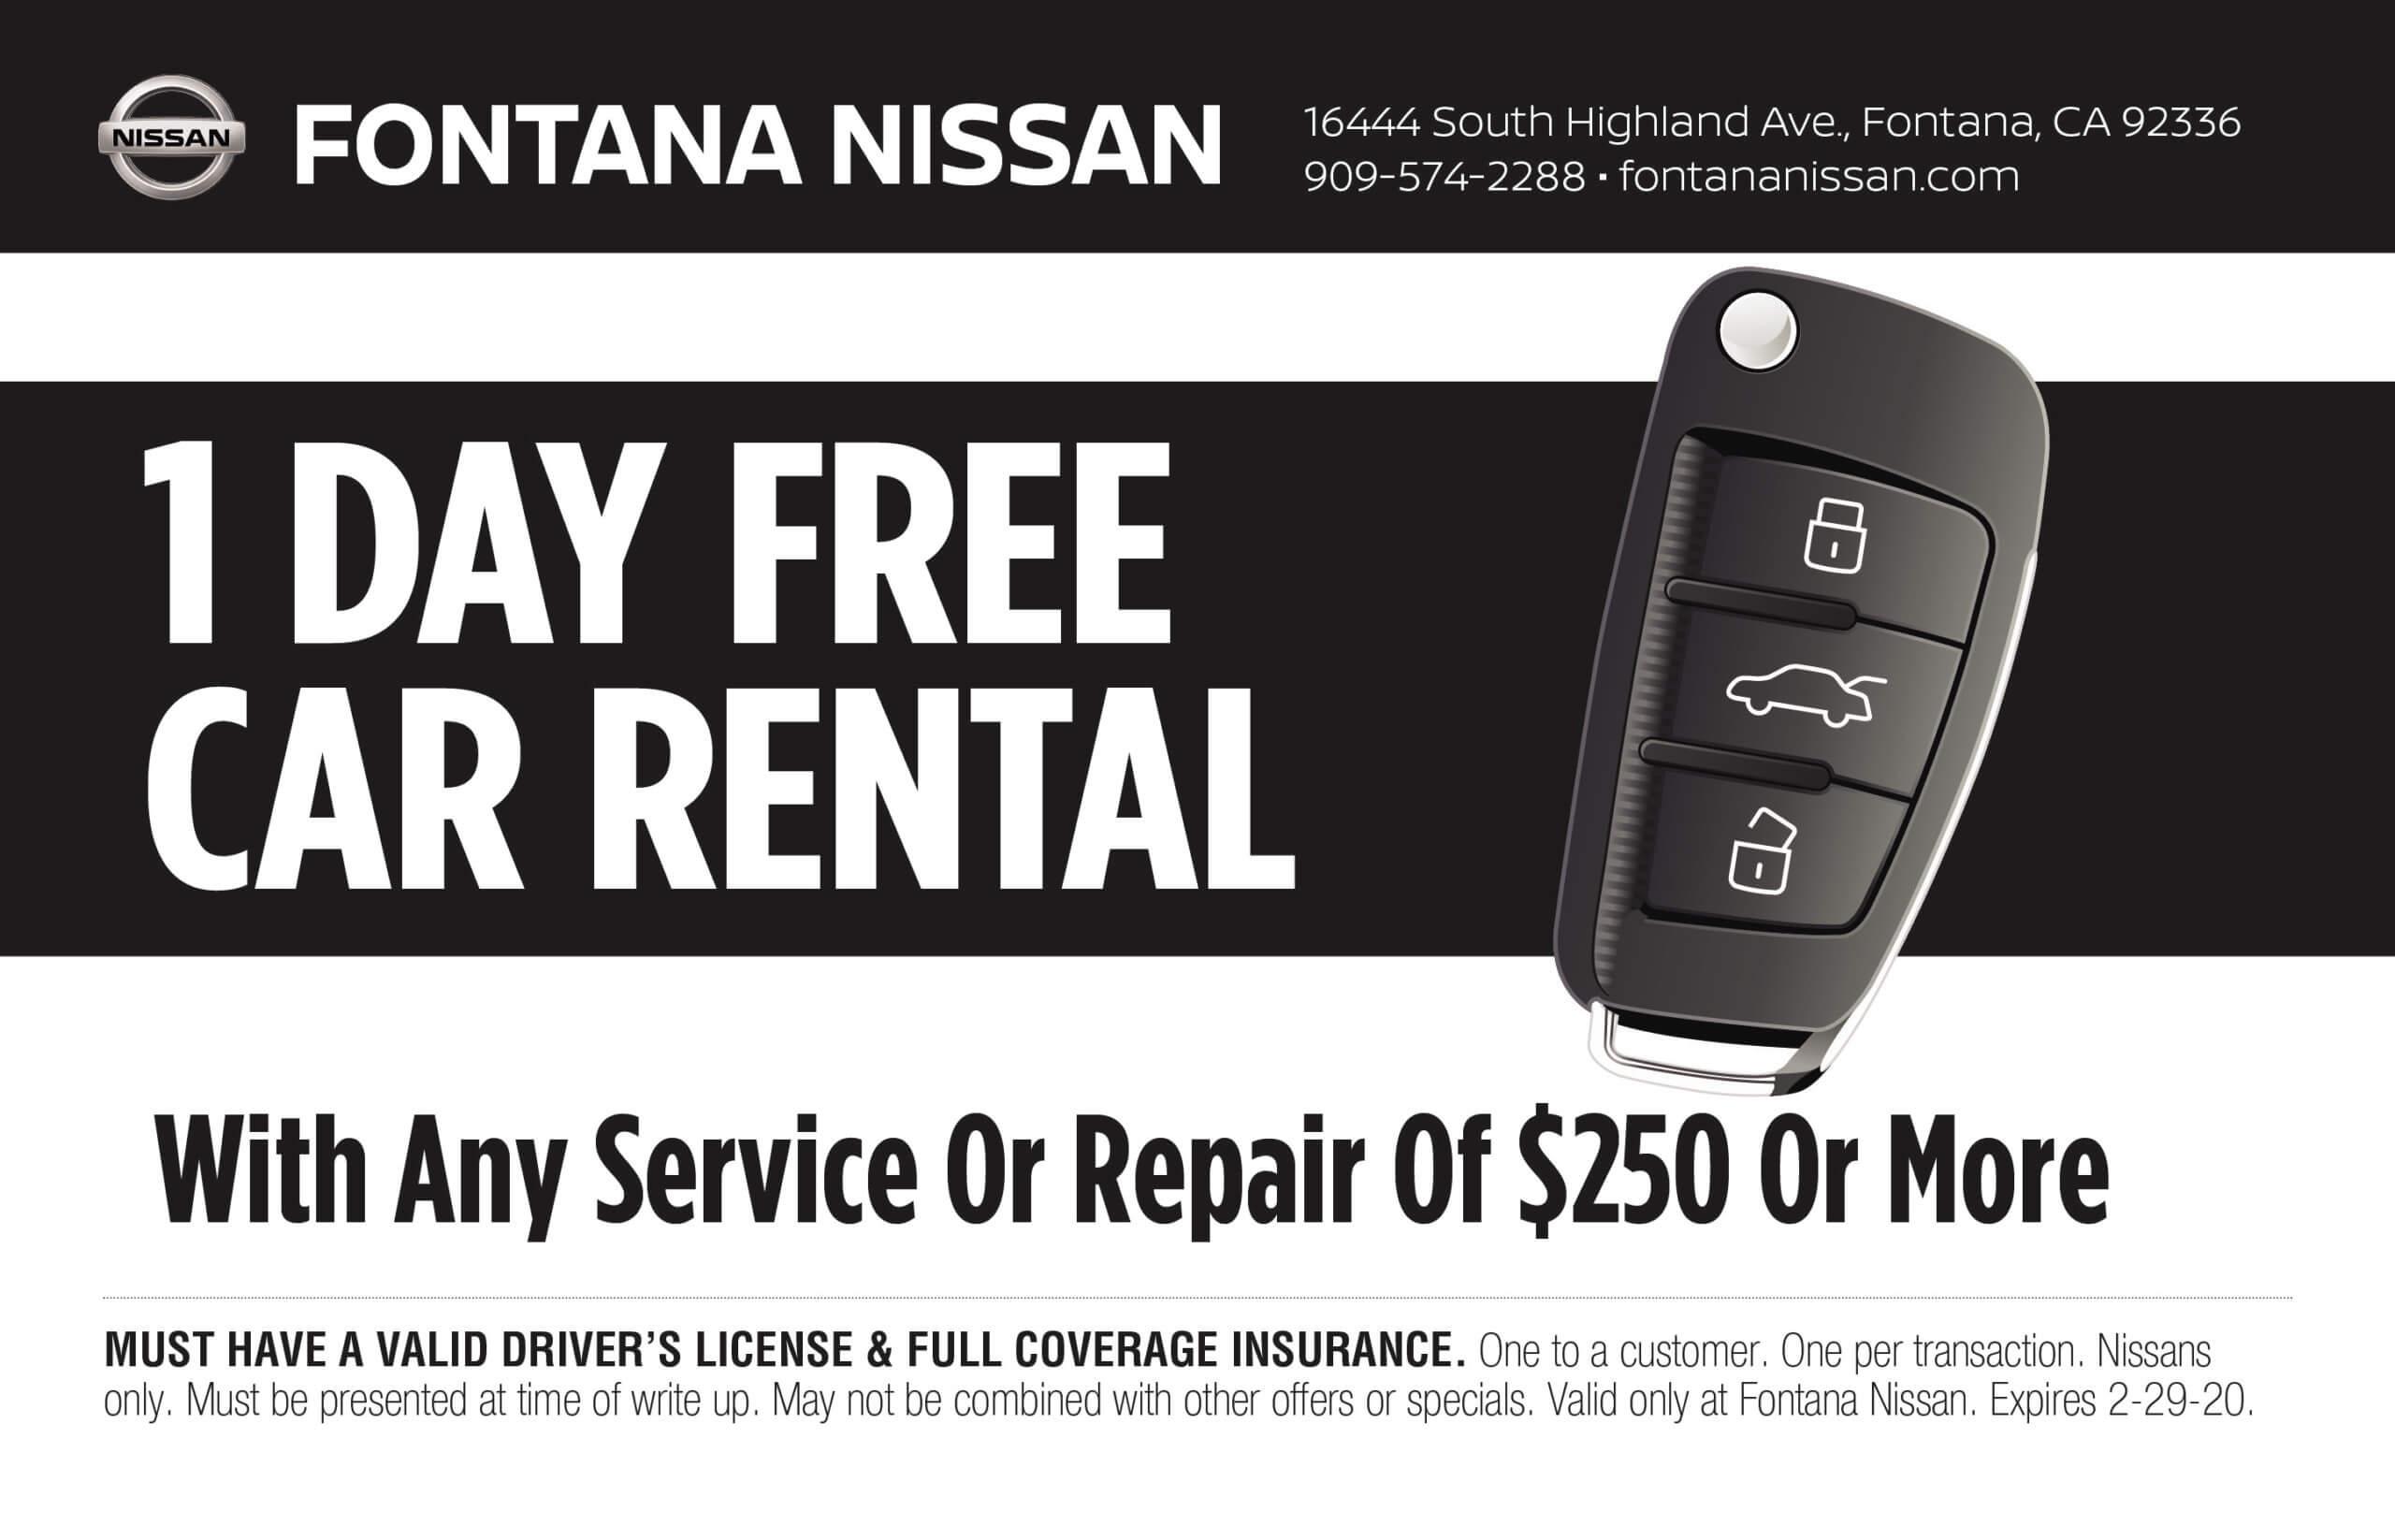 1 Day Free Car Rental